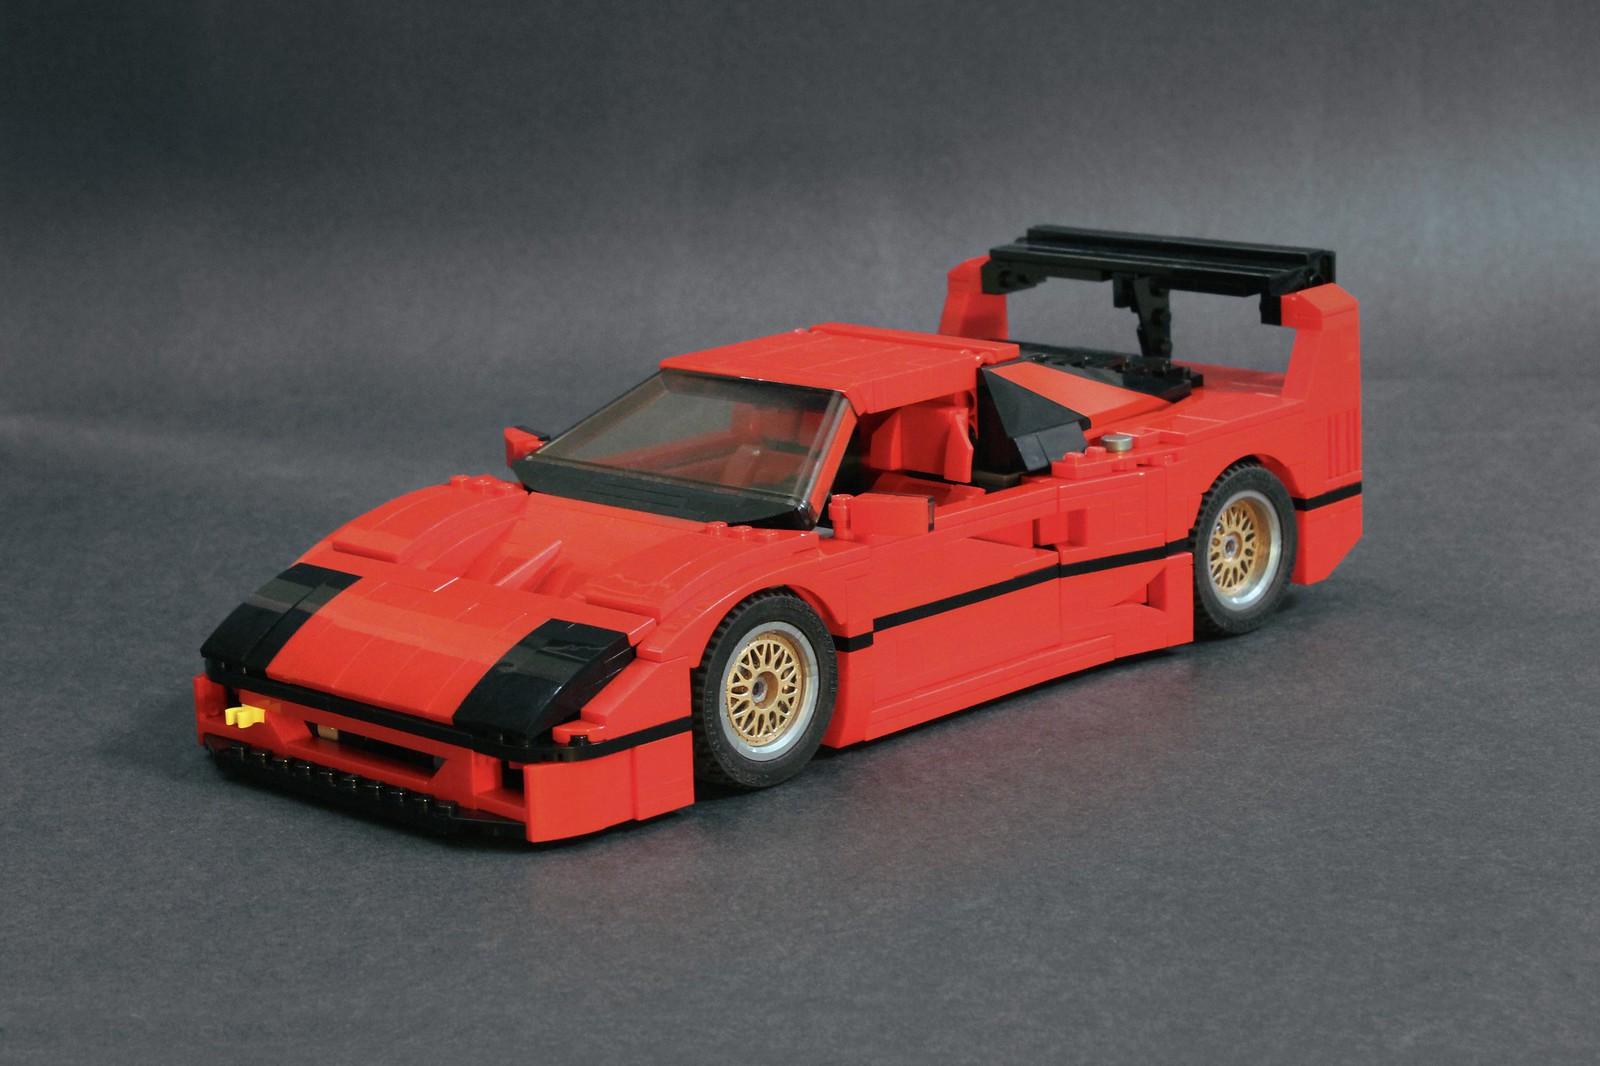 Prototyp Works Ferrari F40 Lm Lego 10248 Supermod